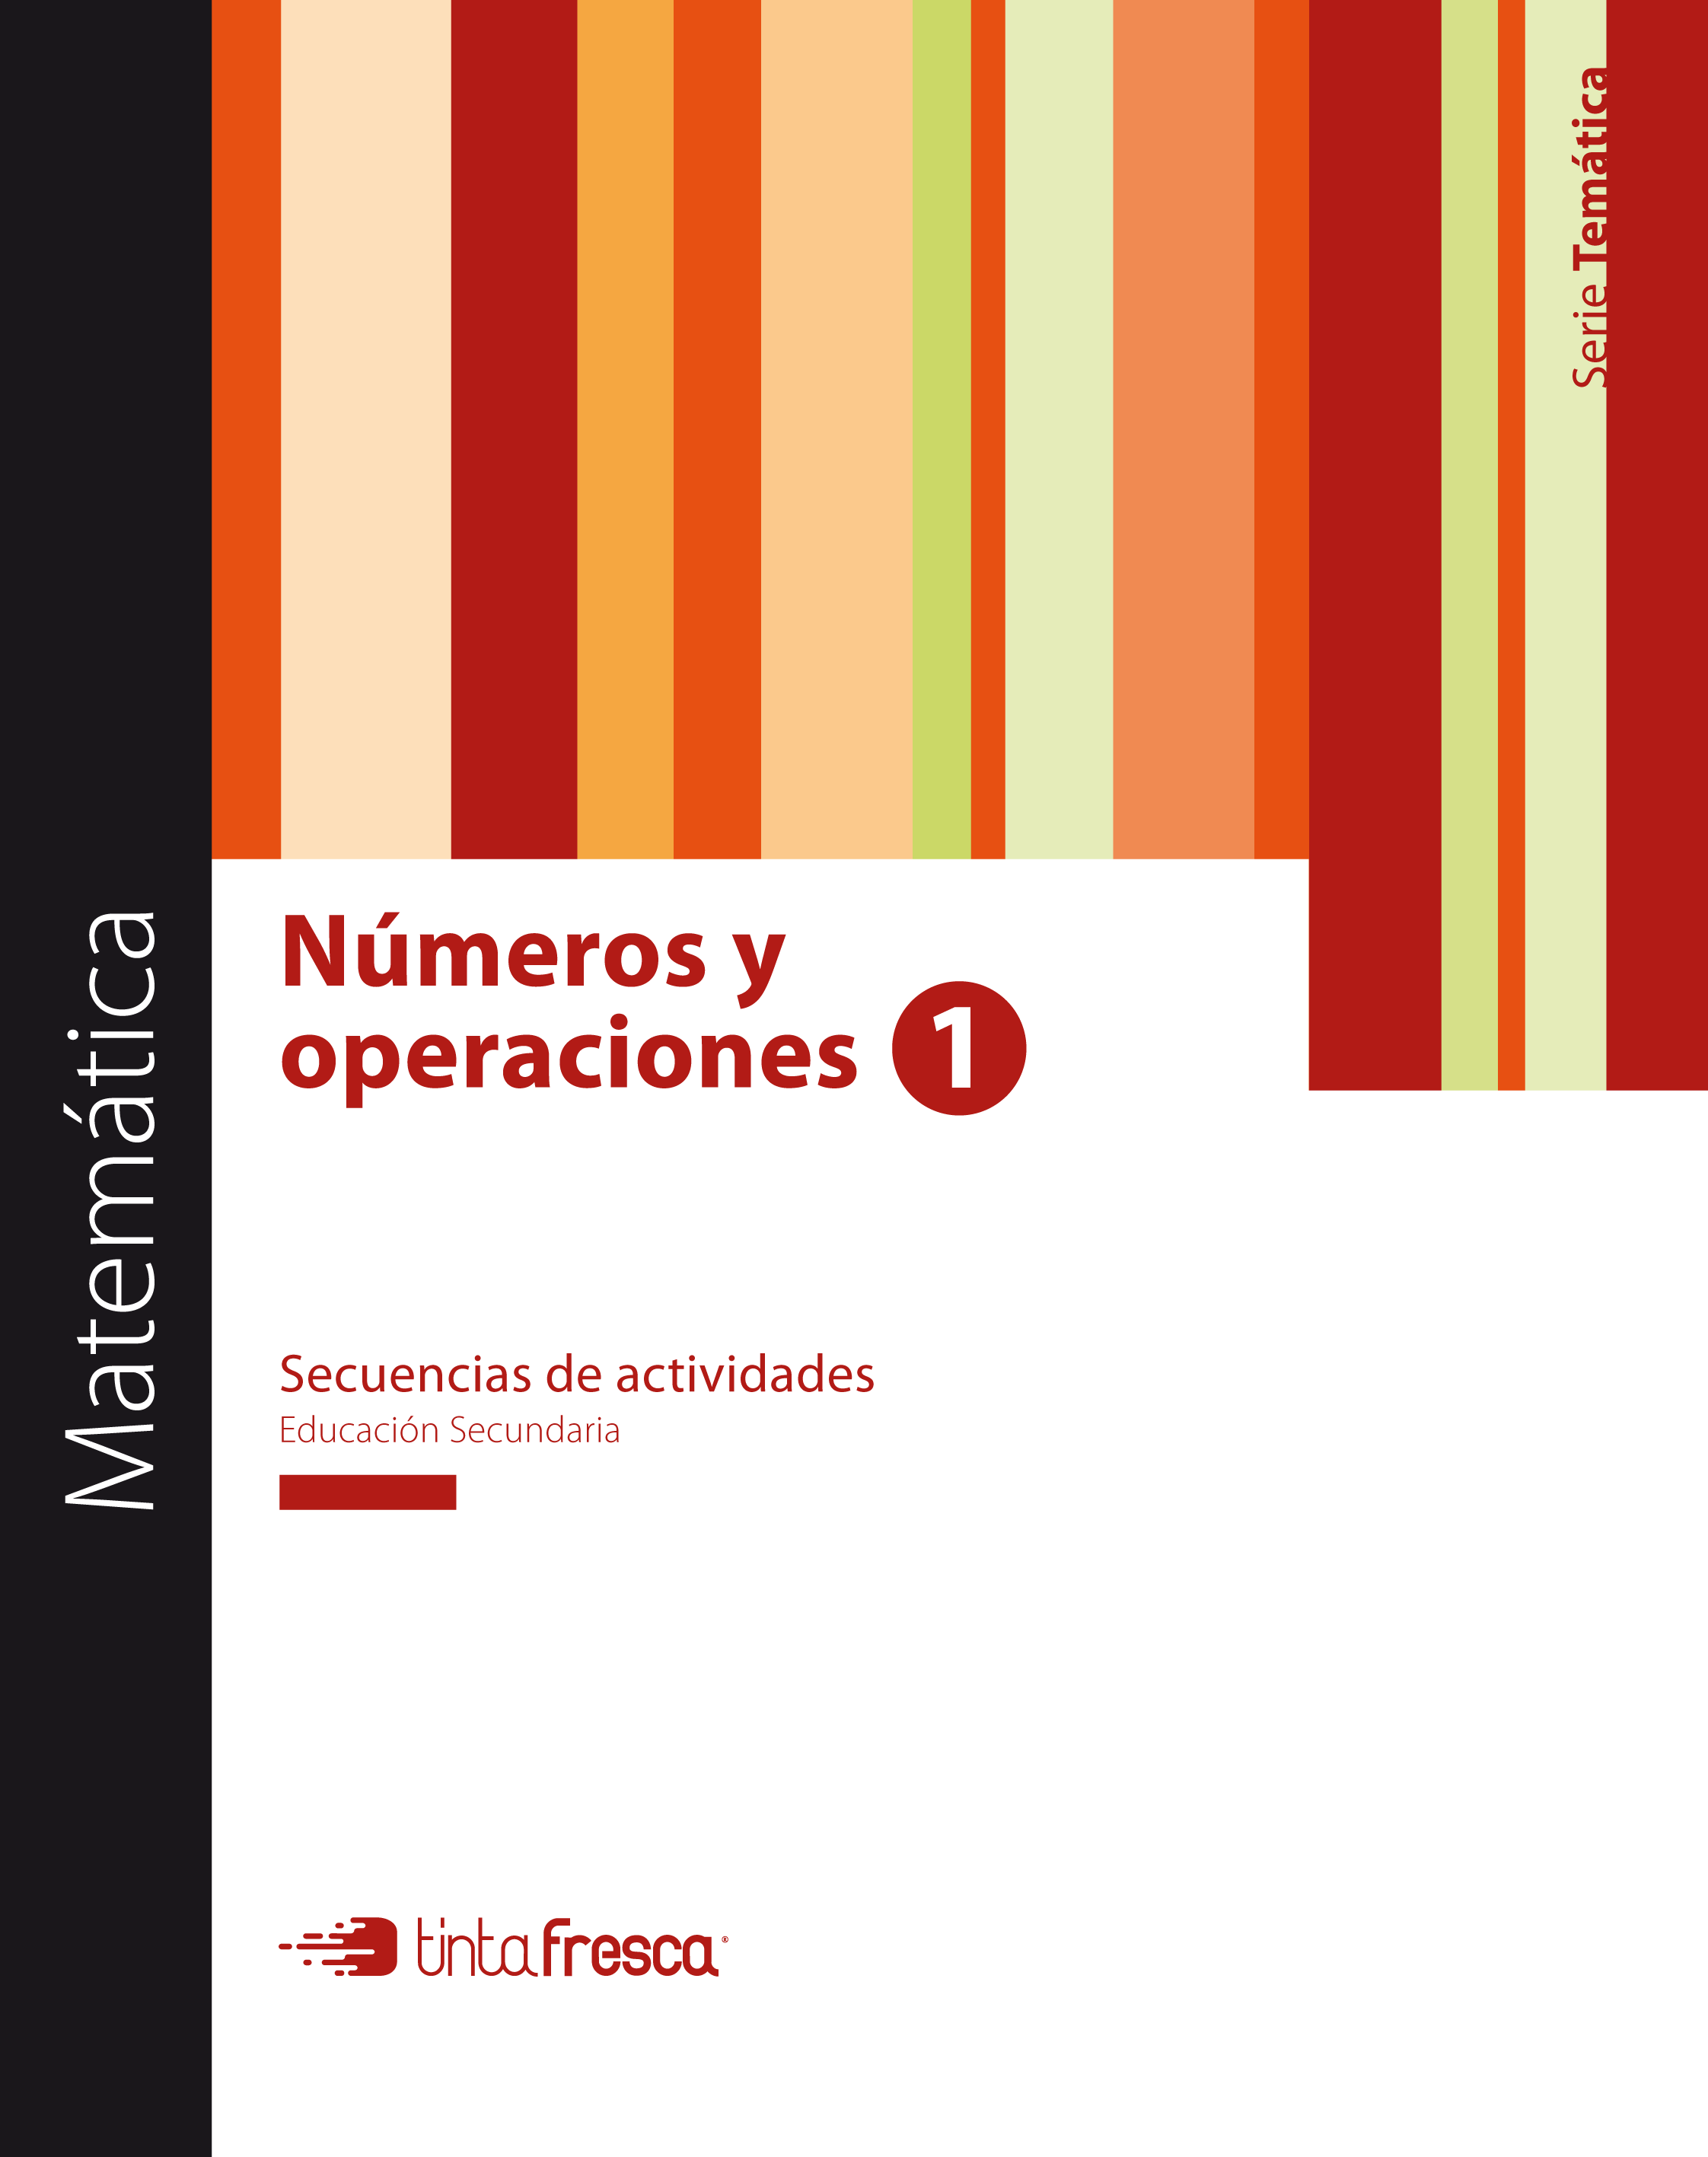 Números y operaciones 1